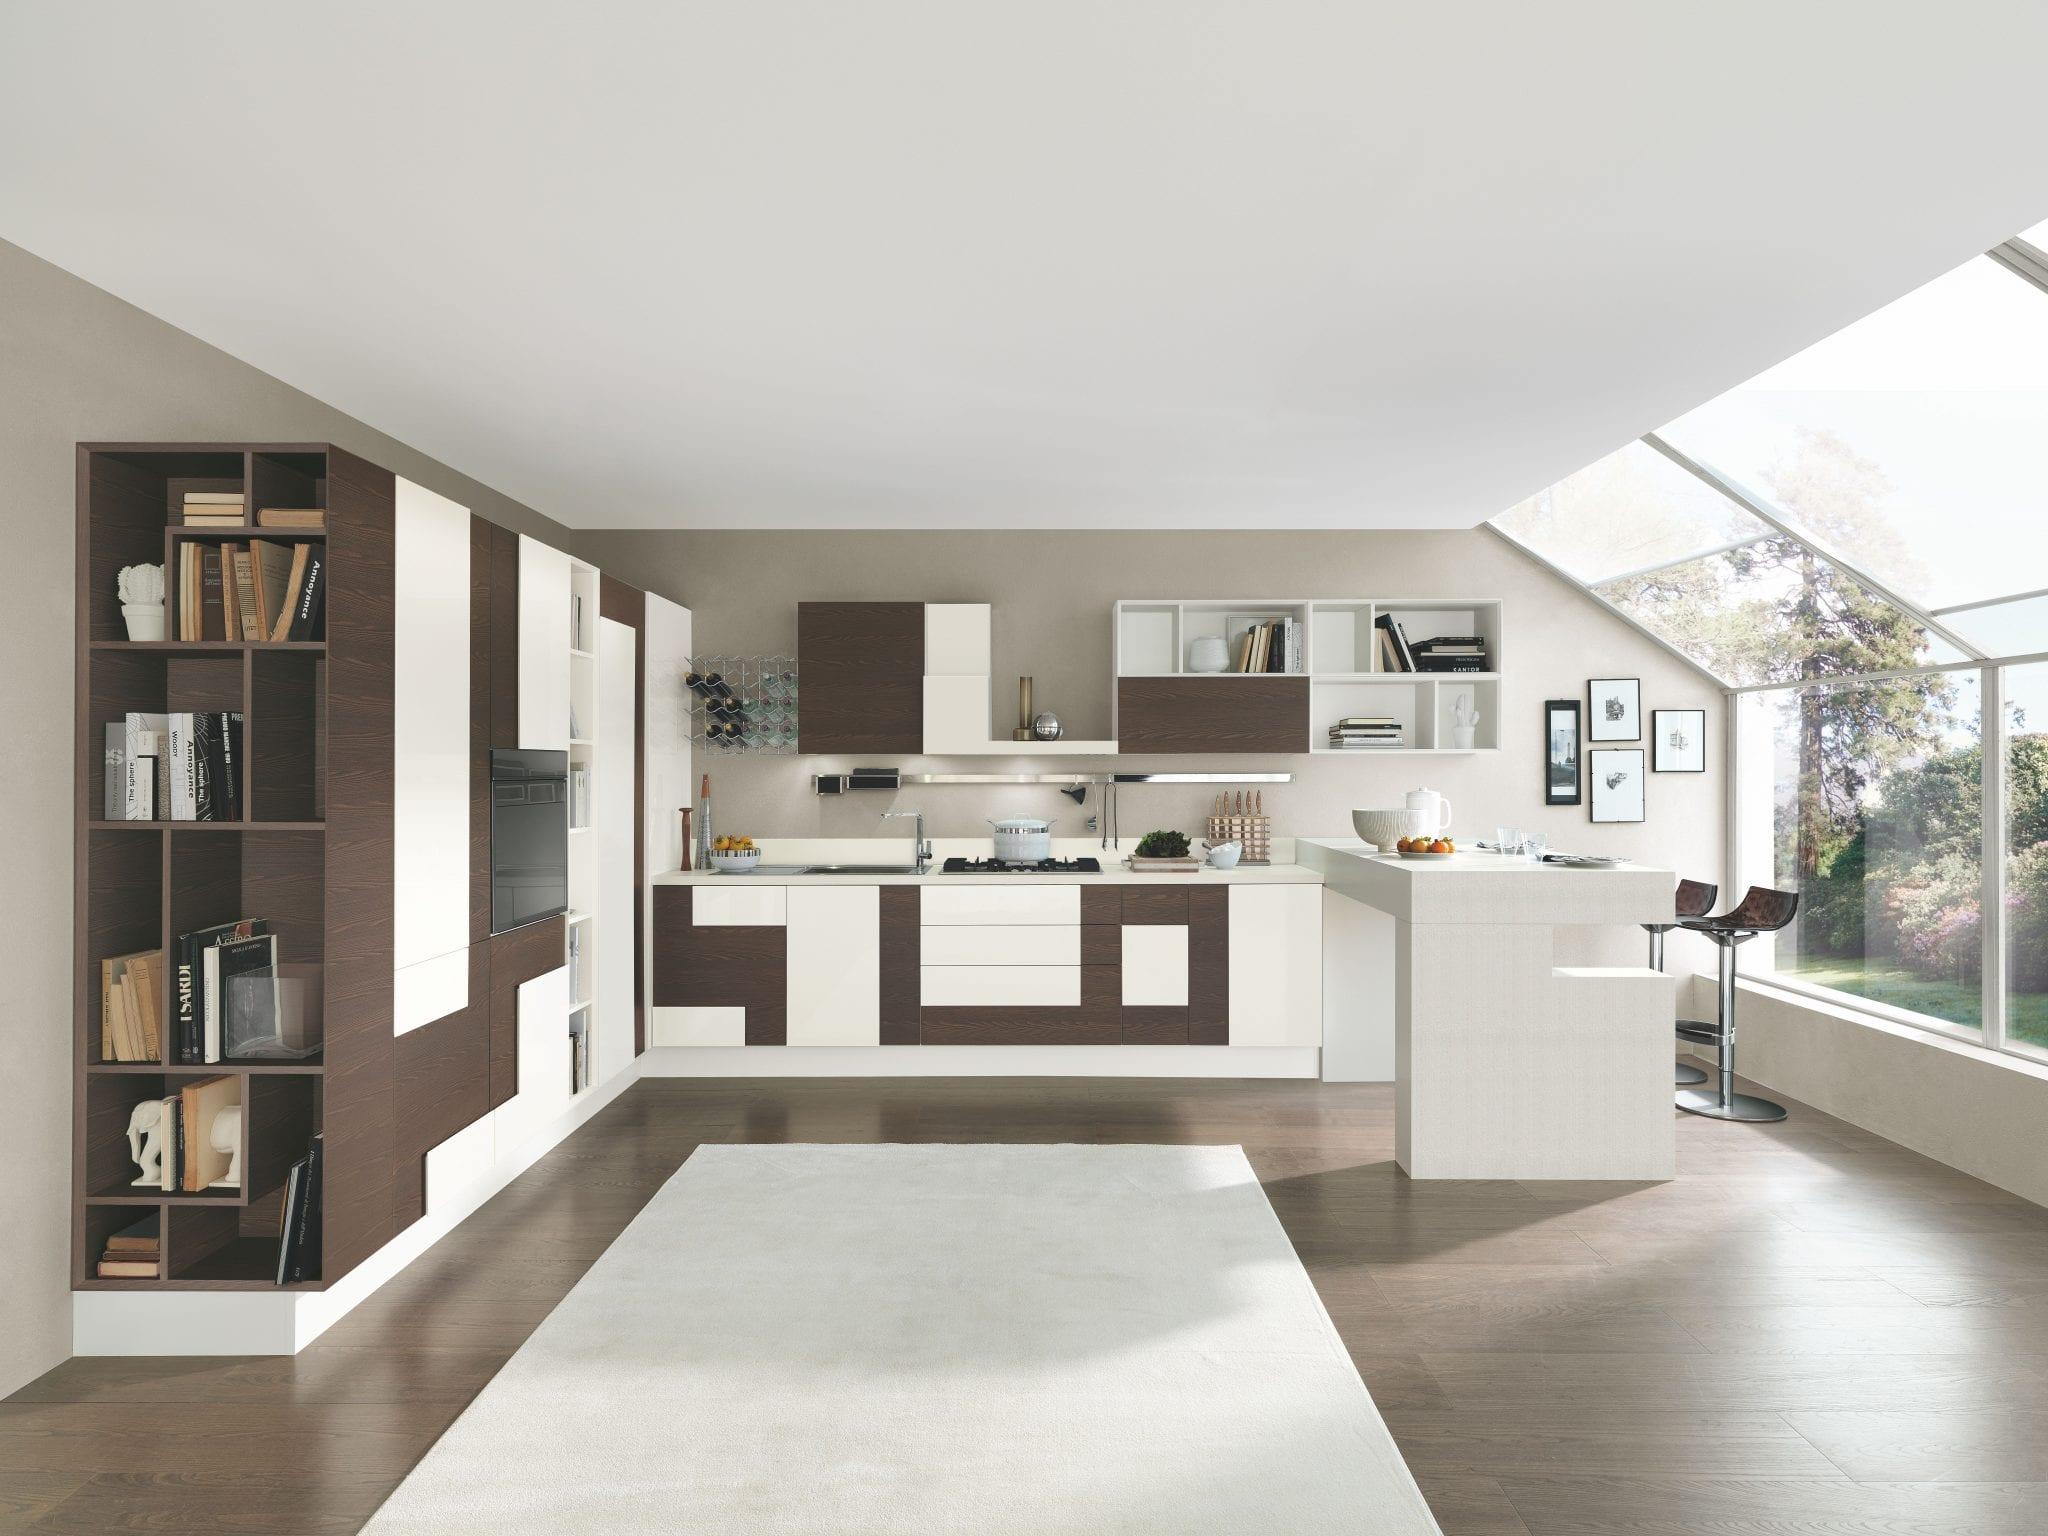 Cucina lube creativa - Piani cucina laminato ...